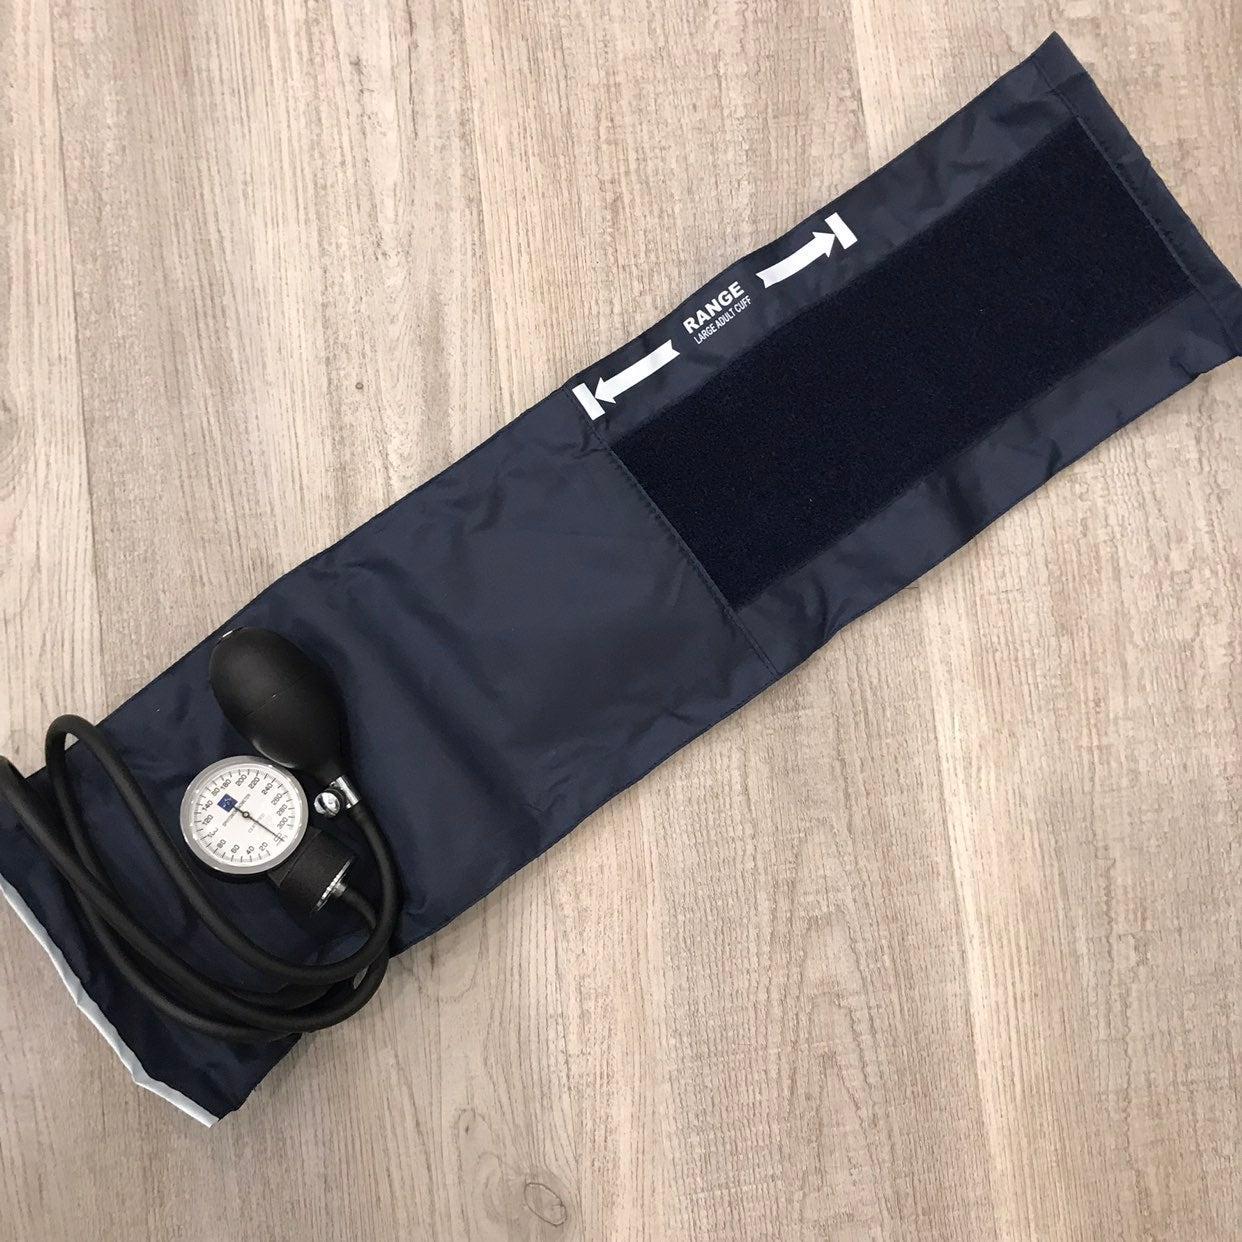 Blood Pressure Cuff (Large/Bariatric)